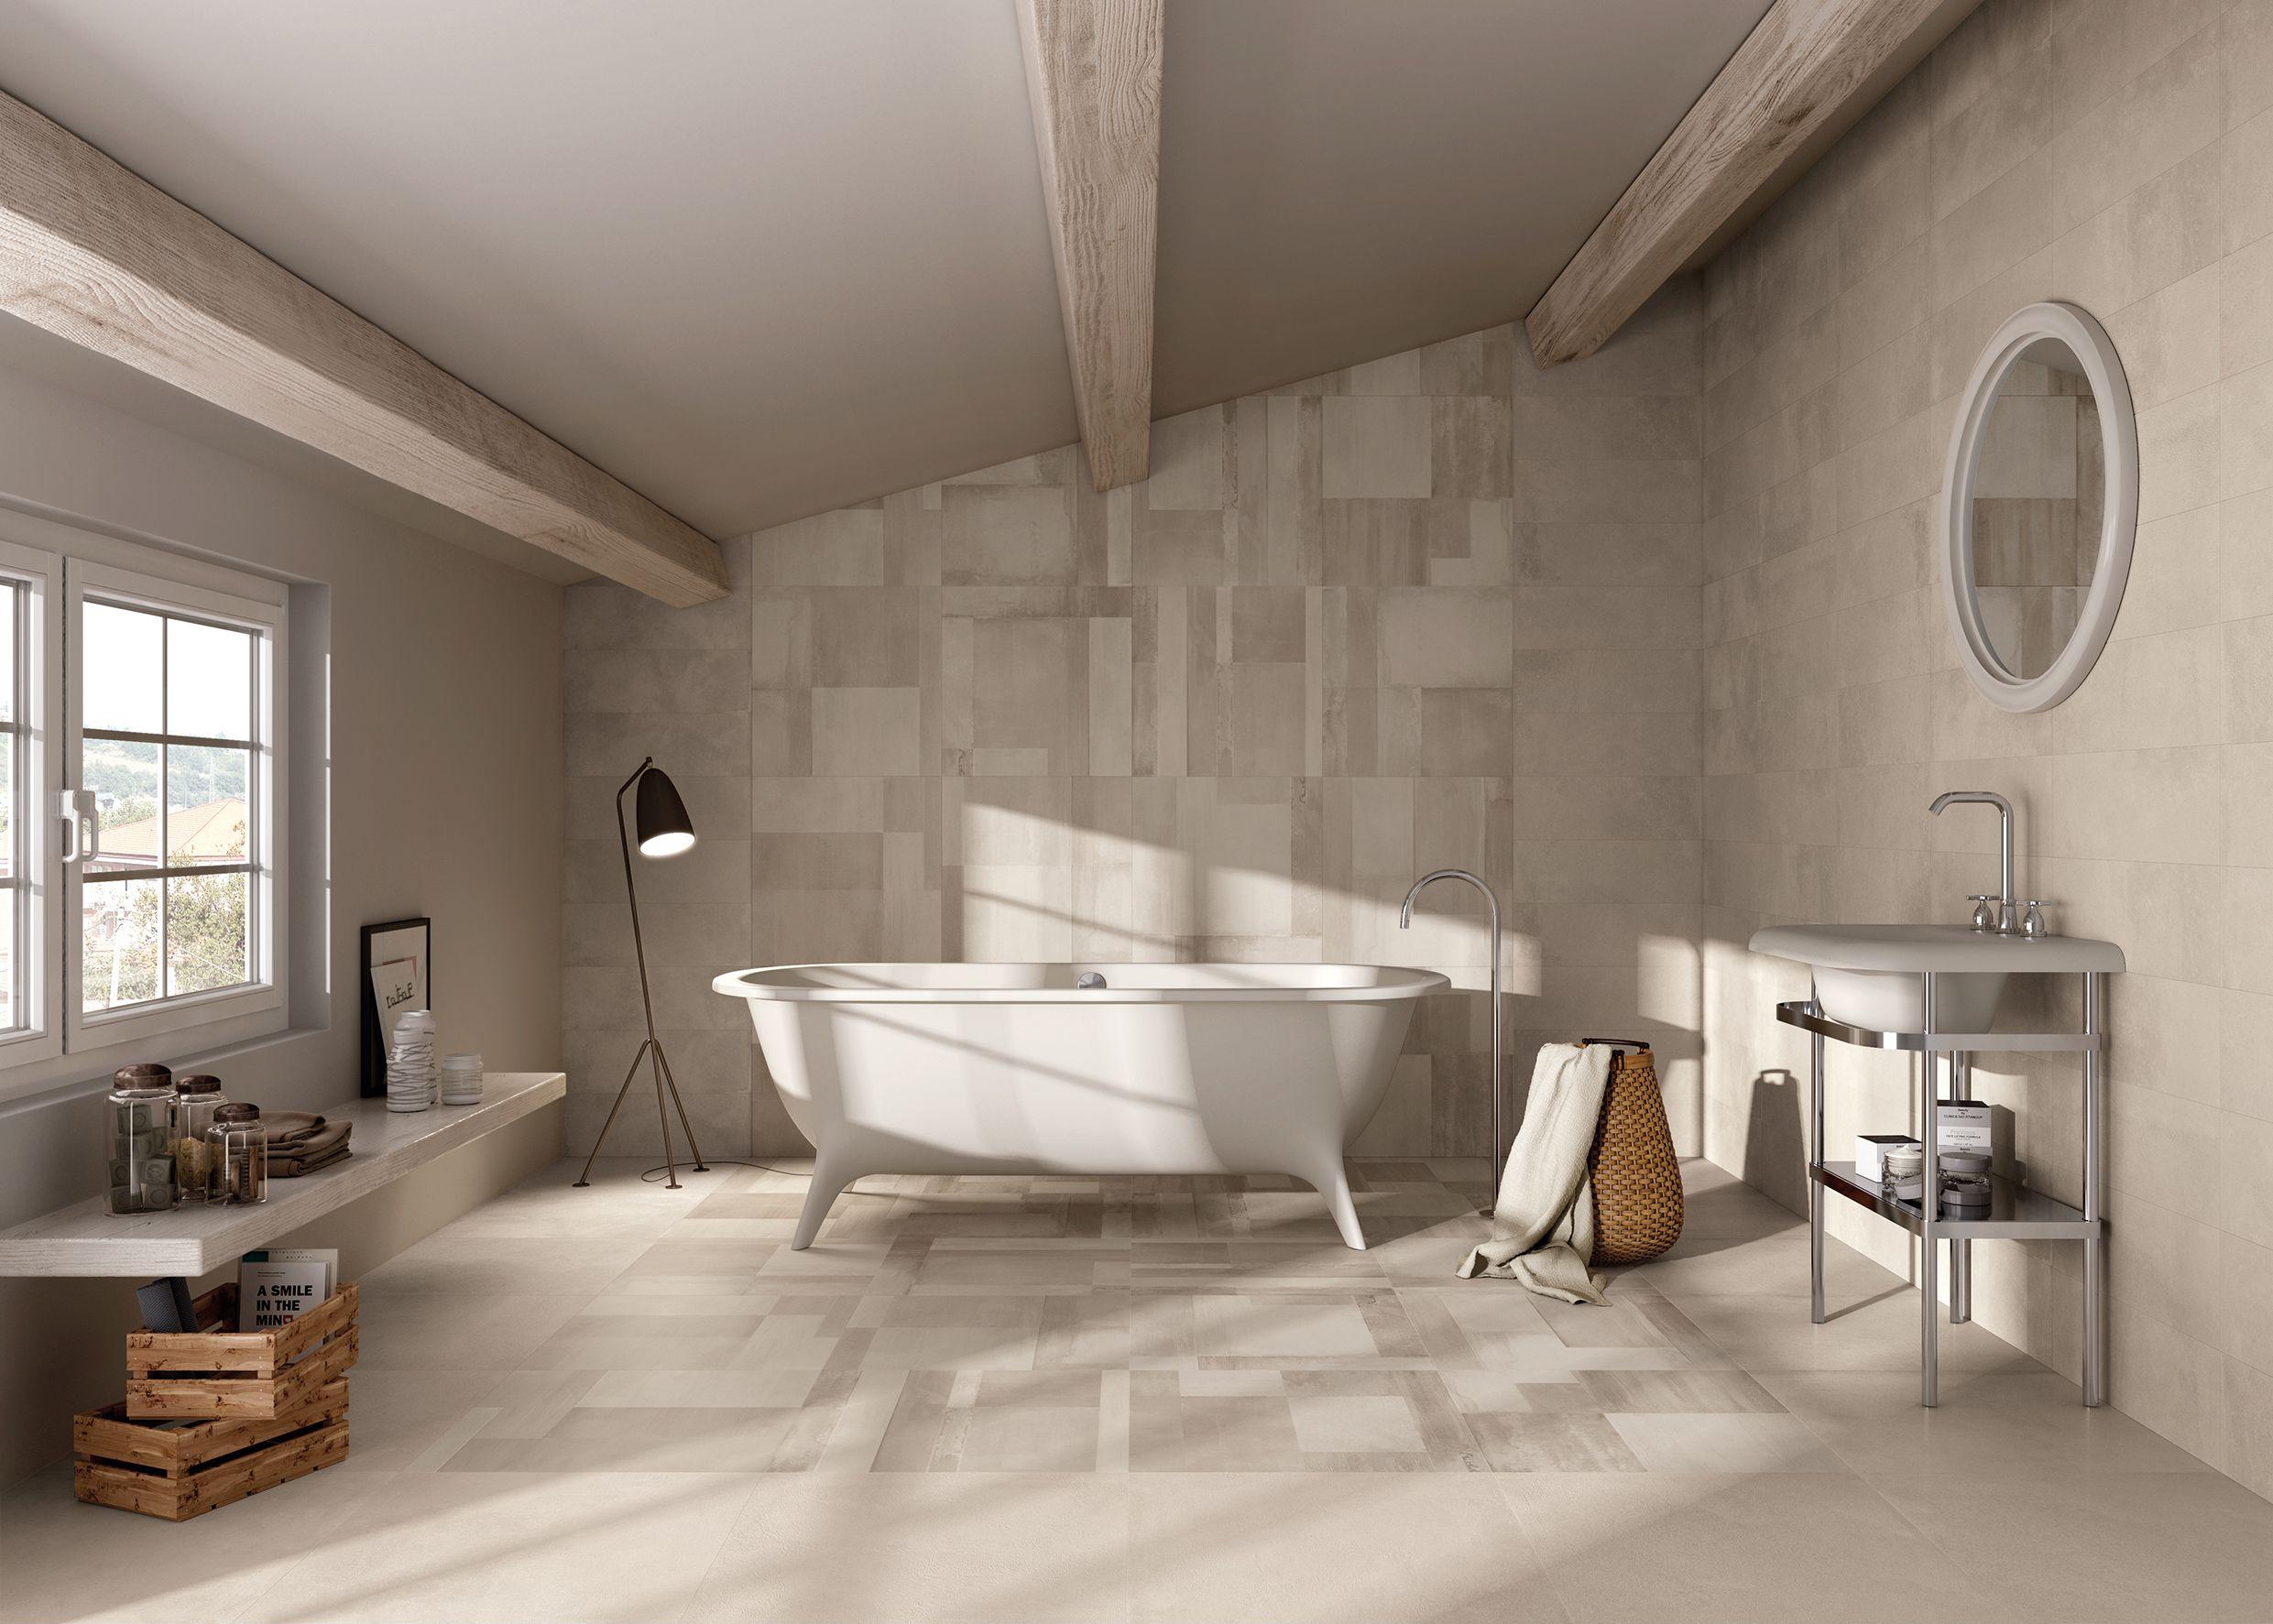 Bagno con piastrelle in gres porcellanato effetto cemento a